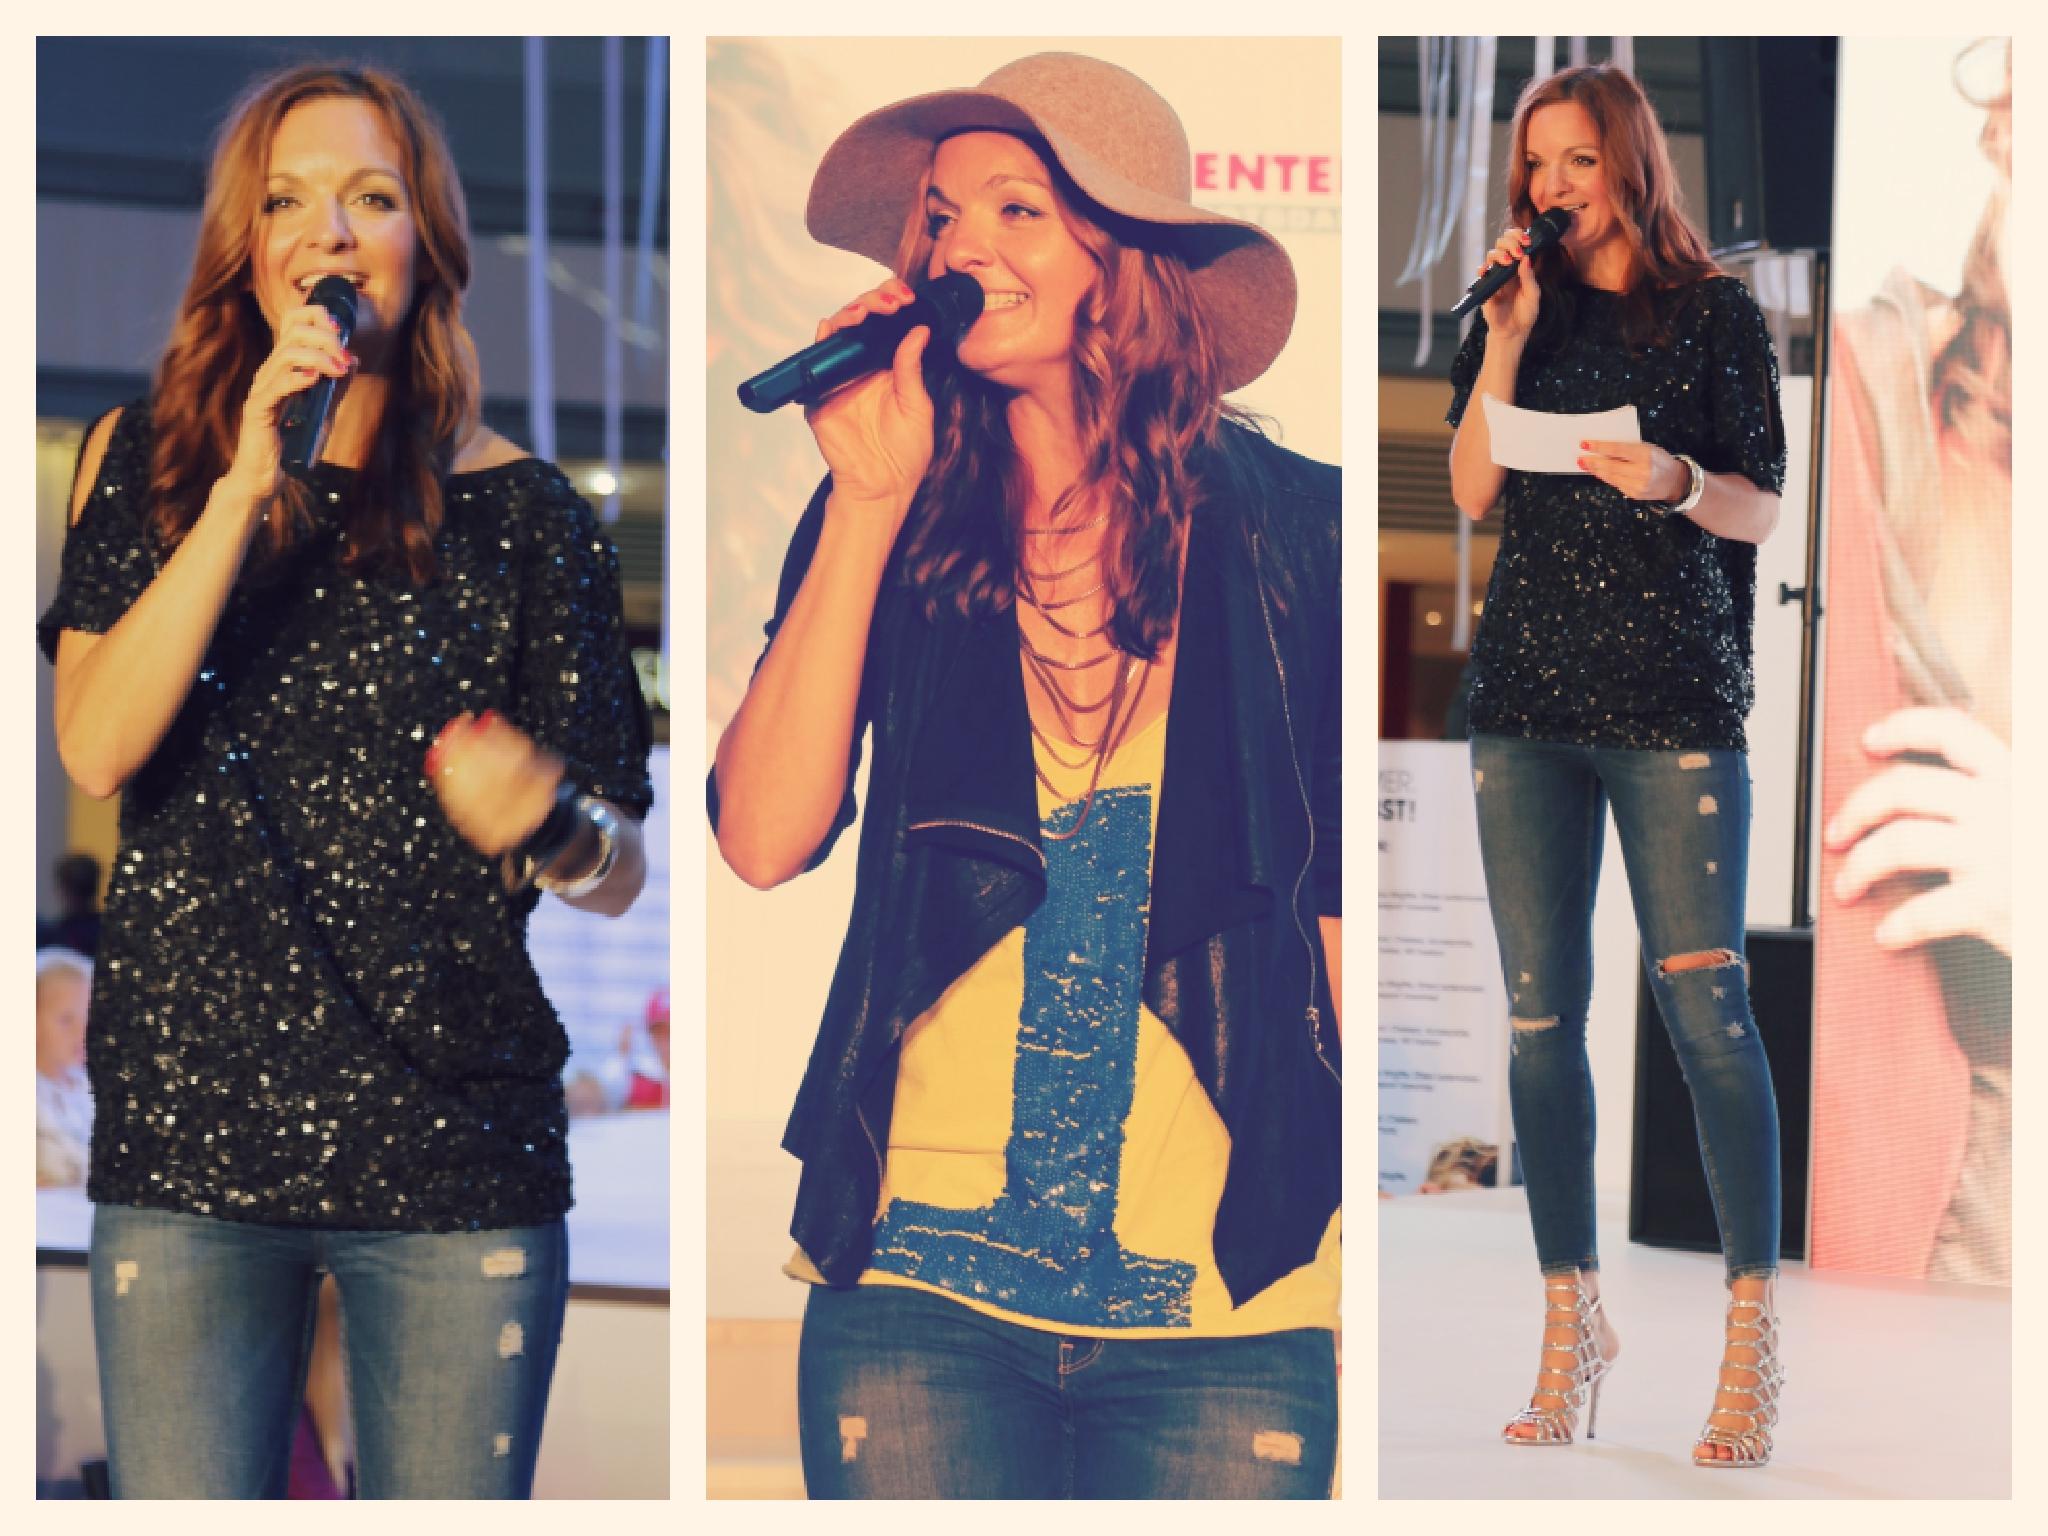 Moderatorin und Sängerin Iza Höll aus Berlin beim Fashion Event